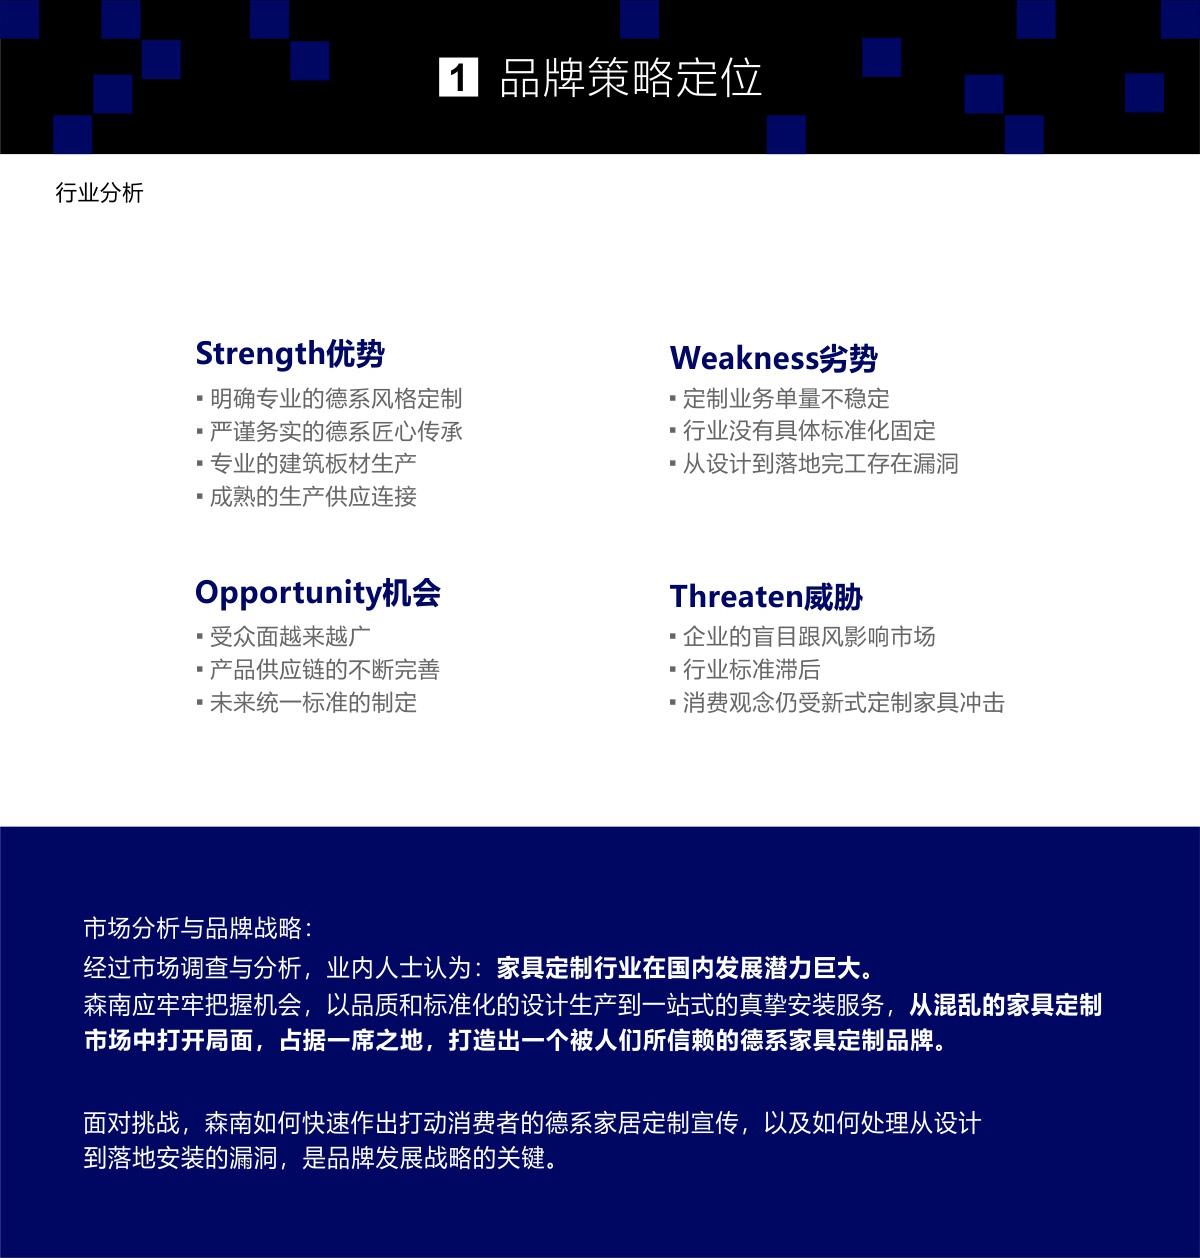 森南公司品牌形象/宣传画册/LOGO设计1